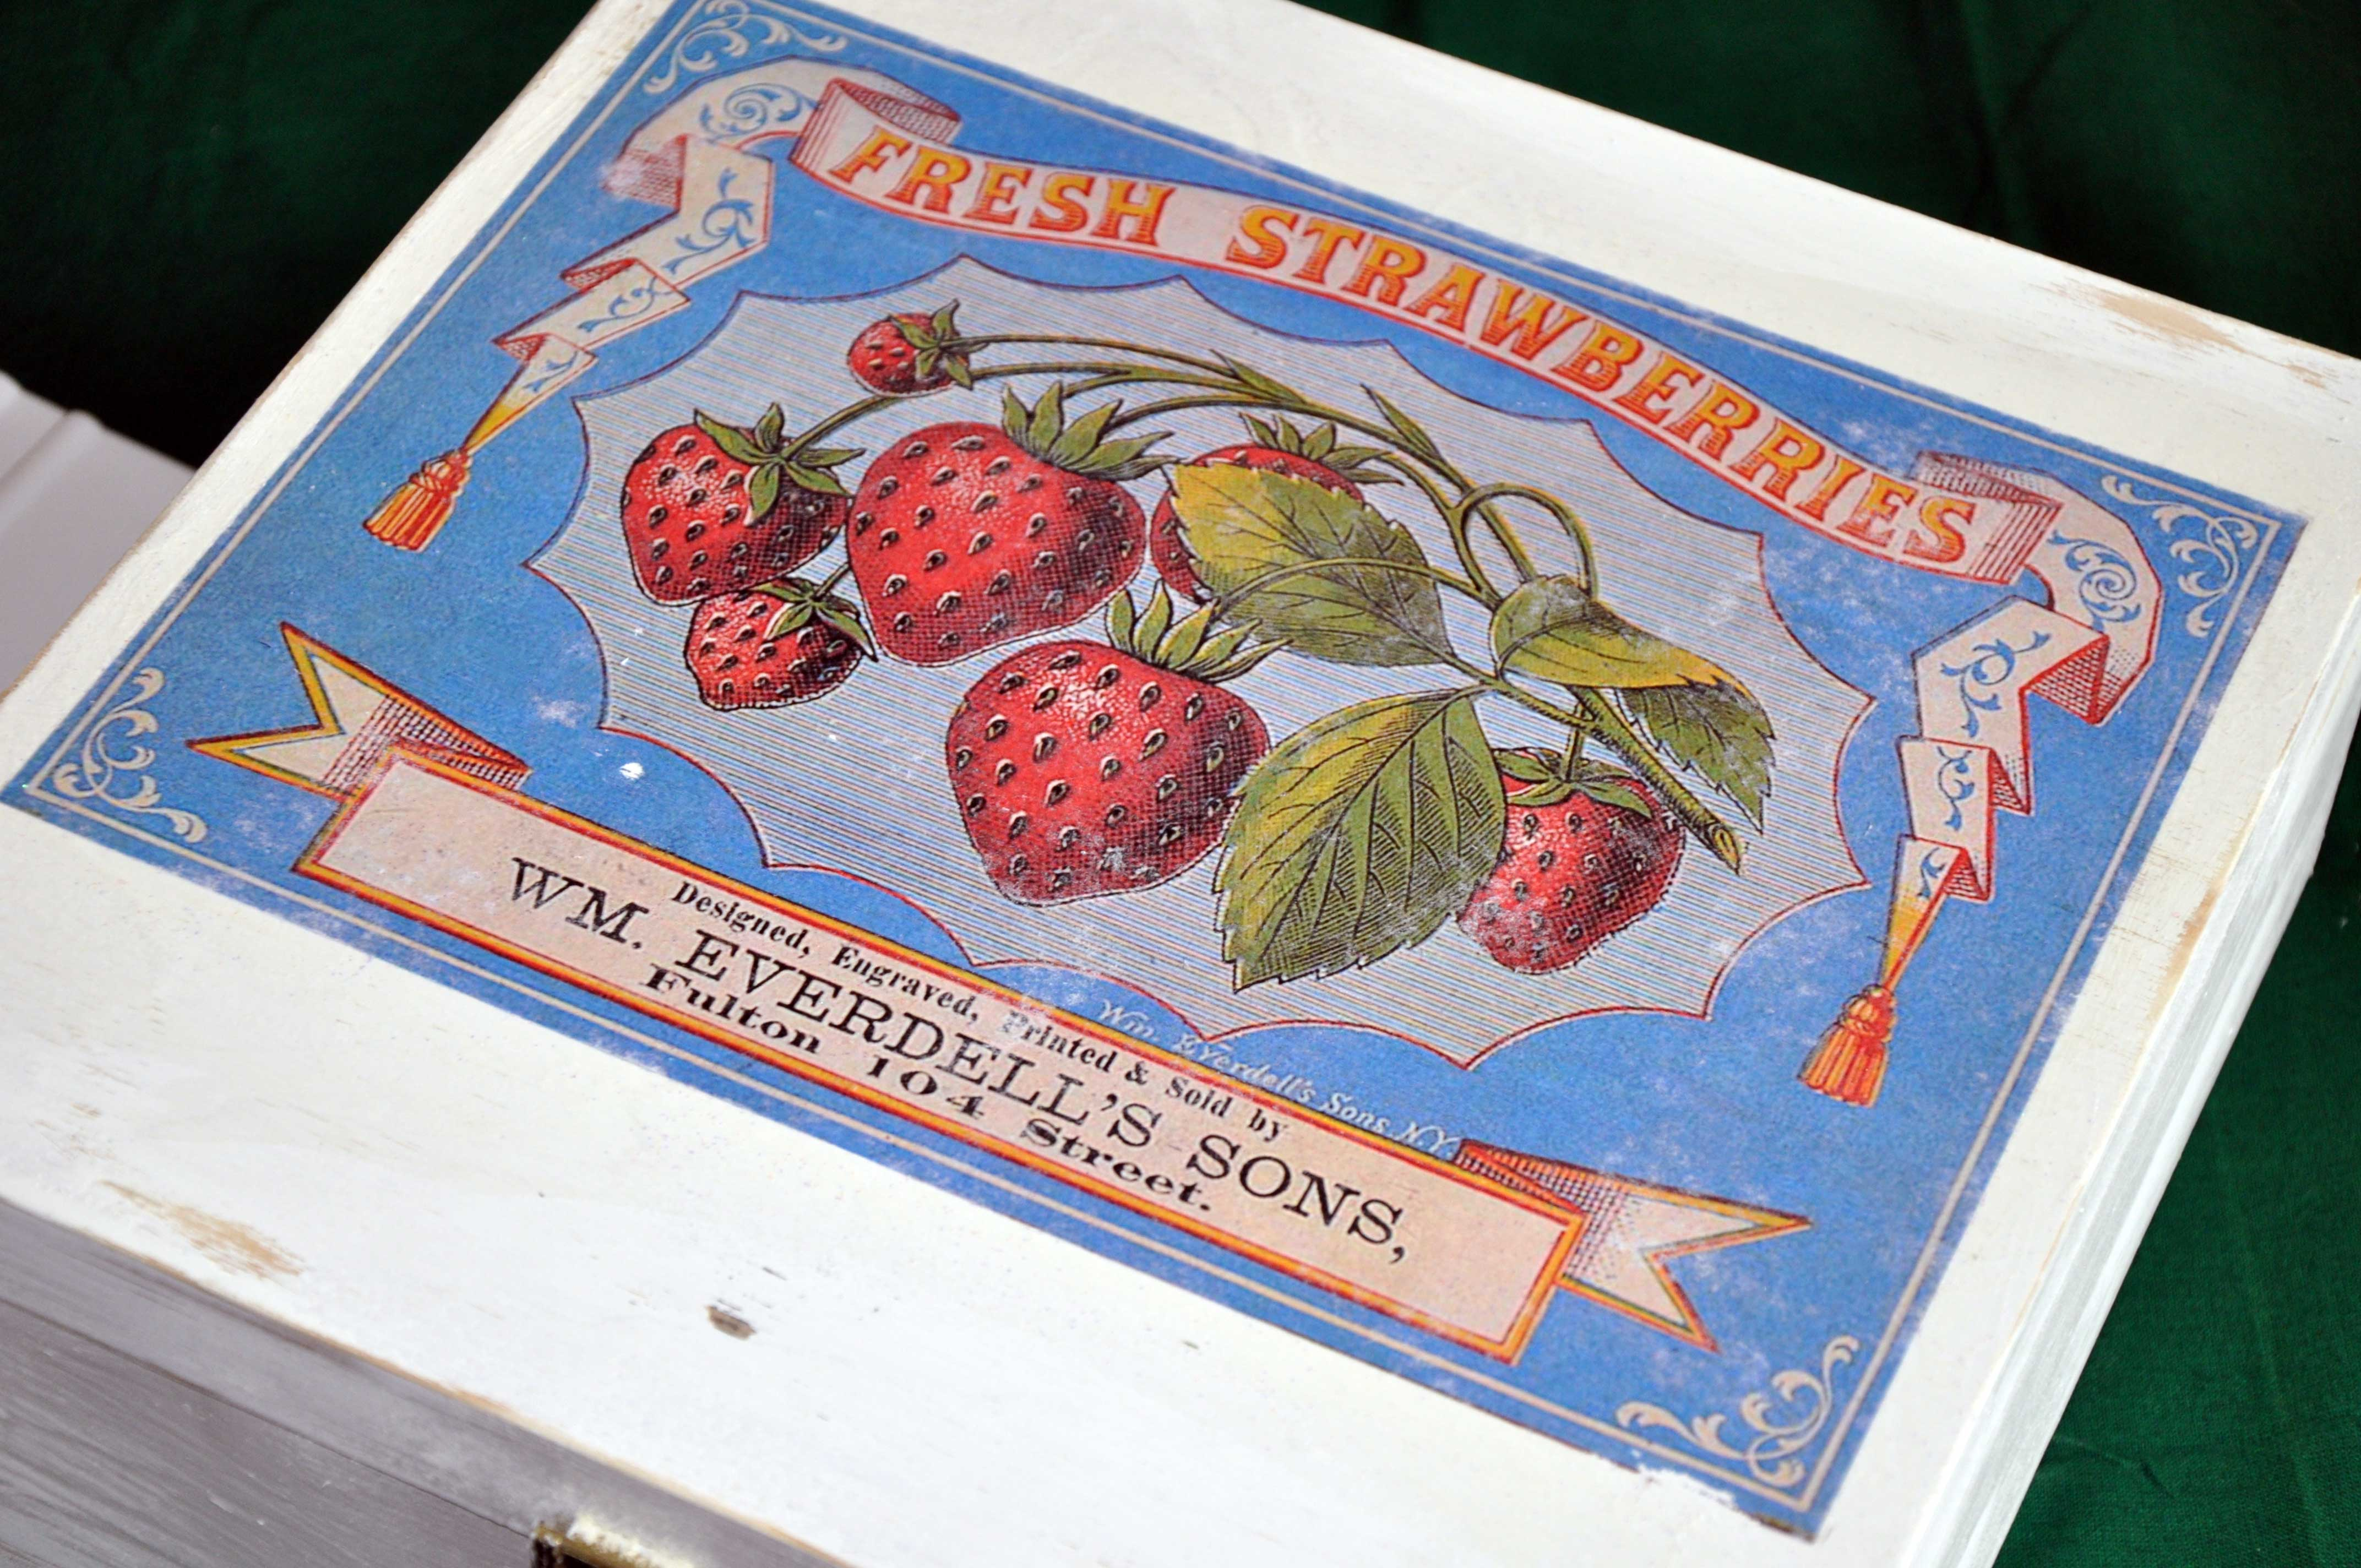 Shabby chic heute wird mit erdbeeren gebastelt for Foto potch ideen